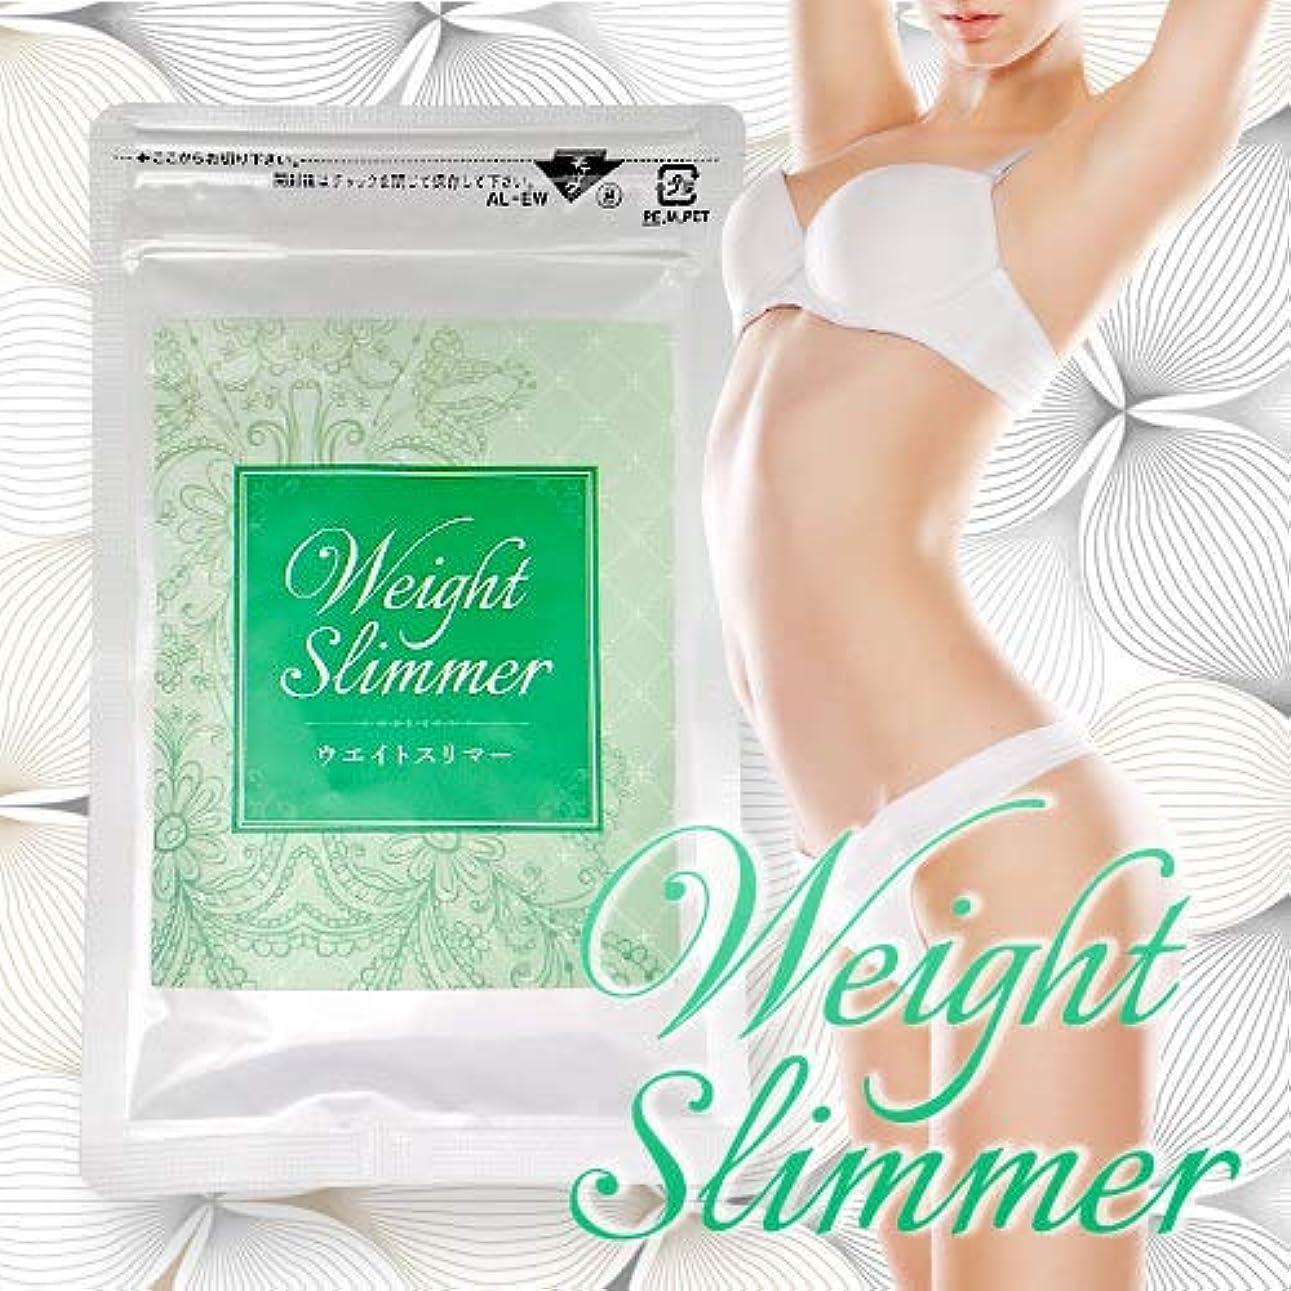 連続した影響を受けやすいです影のあるウェイトスリマー Weight Slimmer ダイエット ダイエットサプリメント